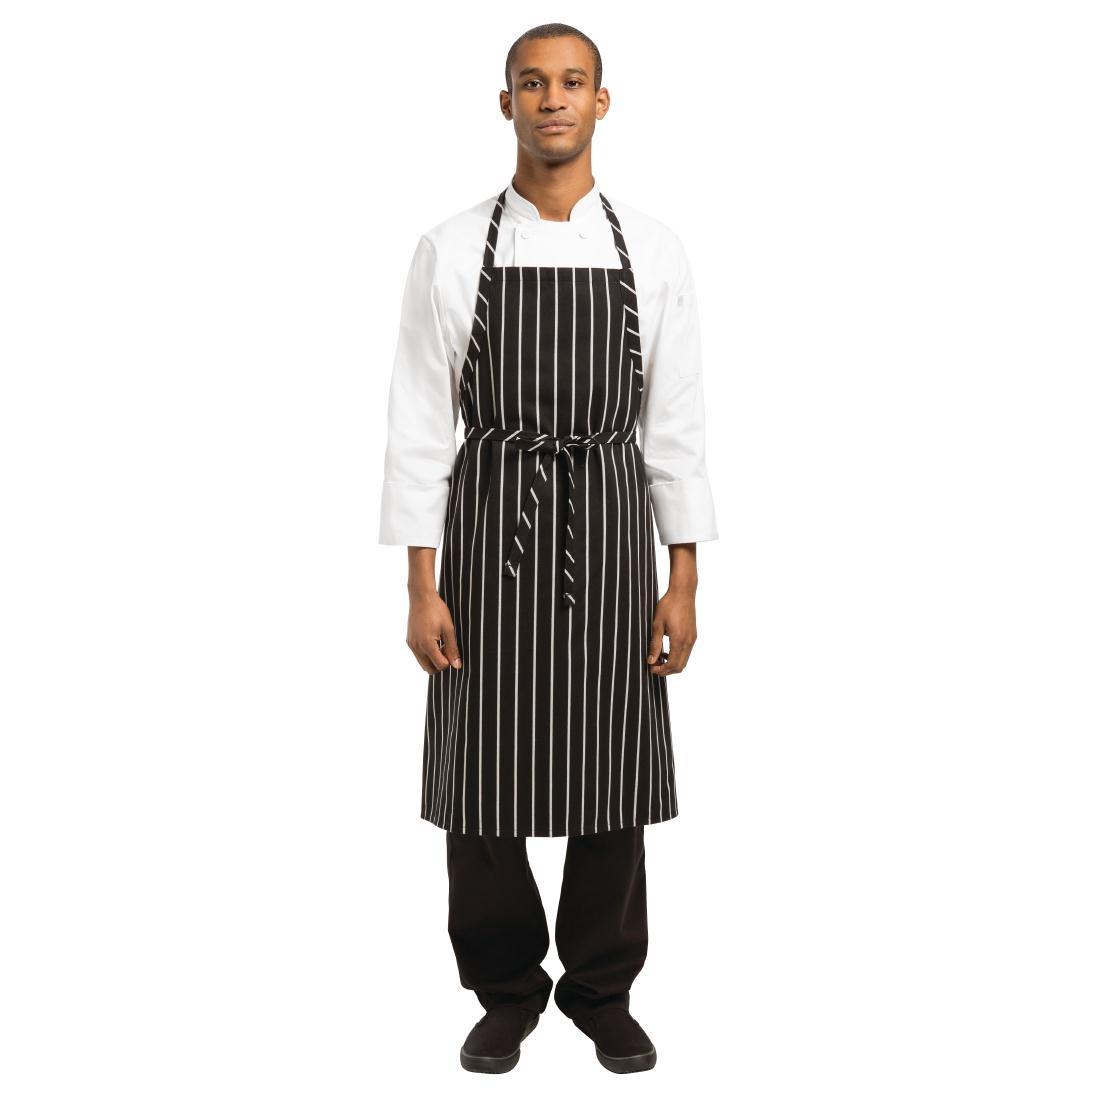 Tablier à bavette tissé Chef Works Premium rayures noires et blanches